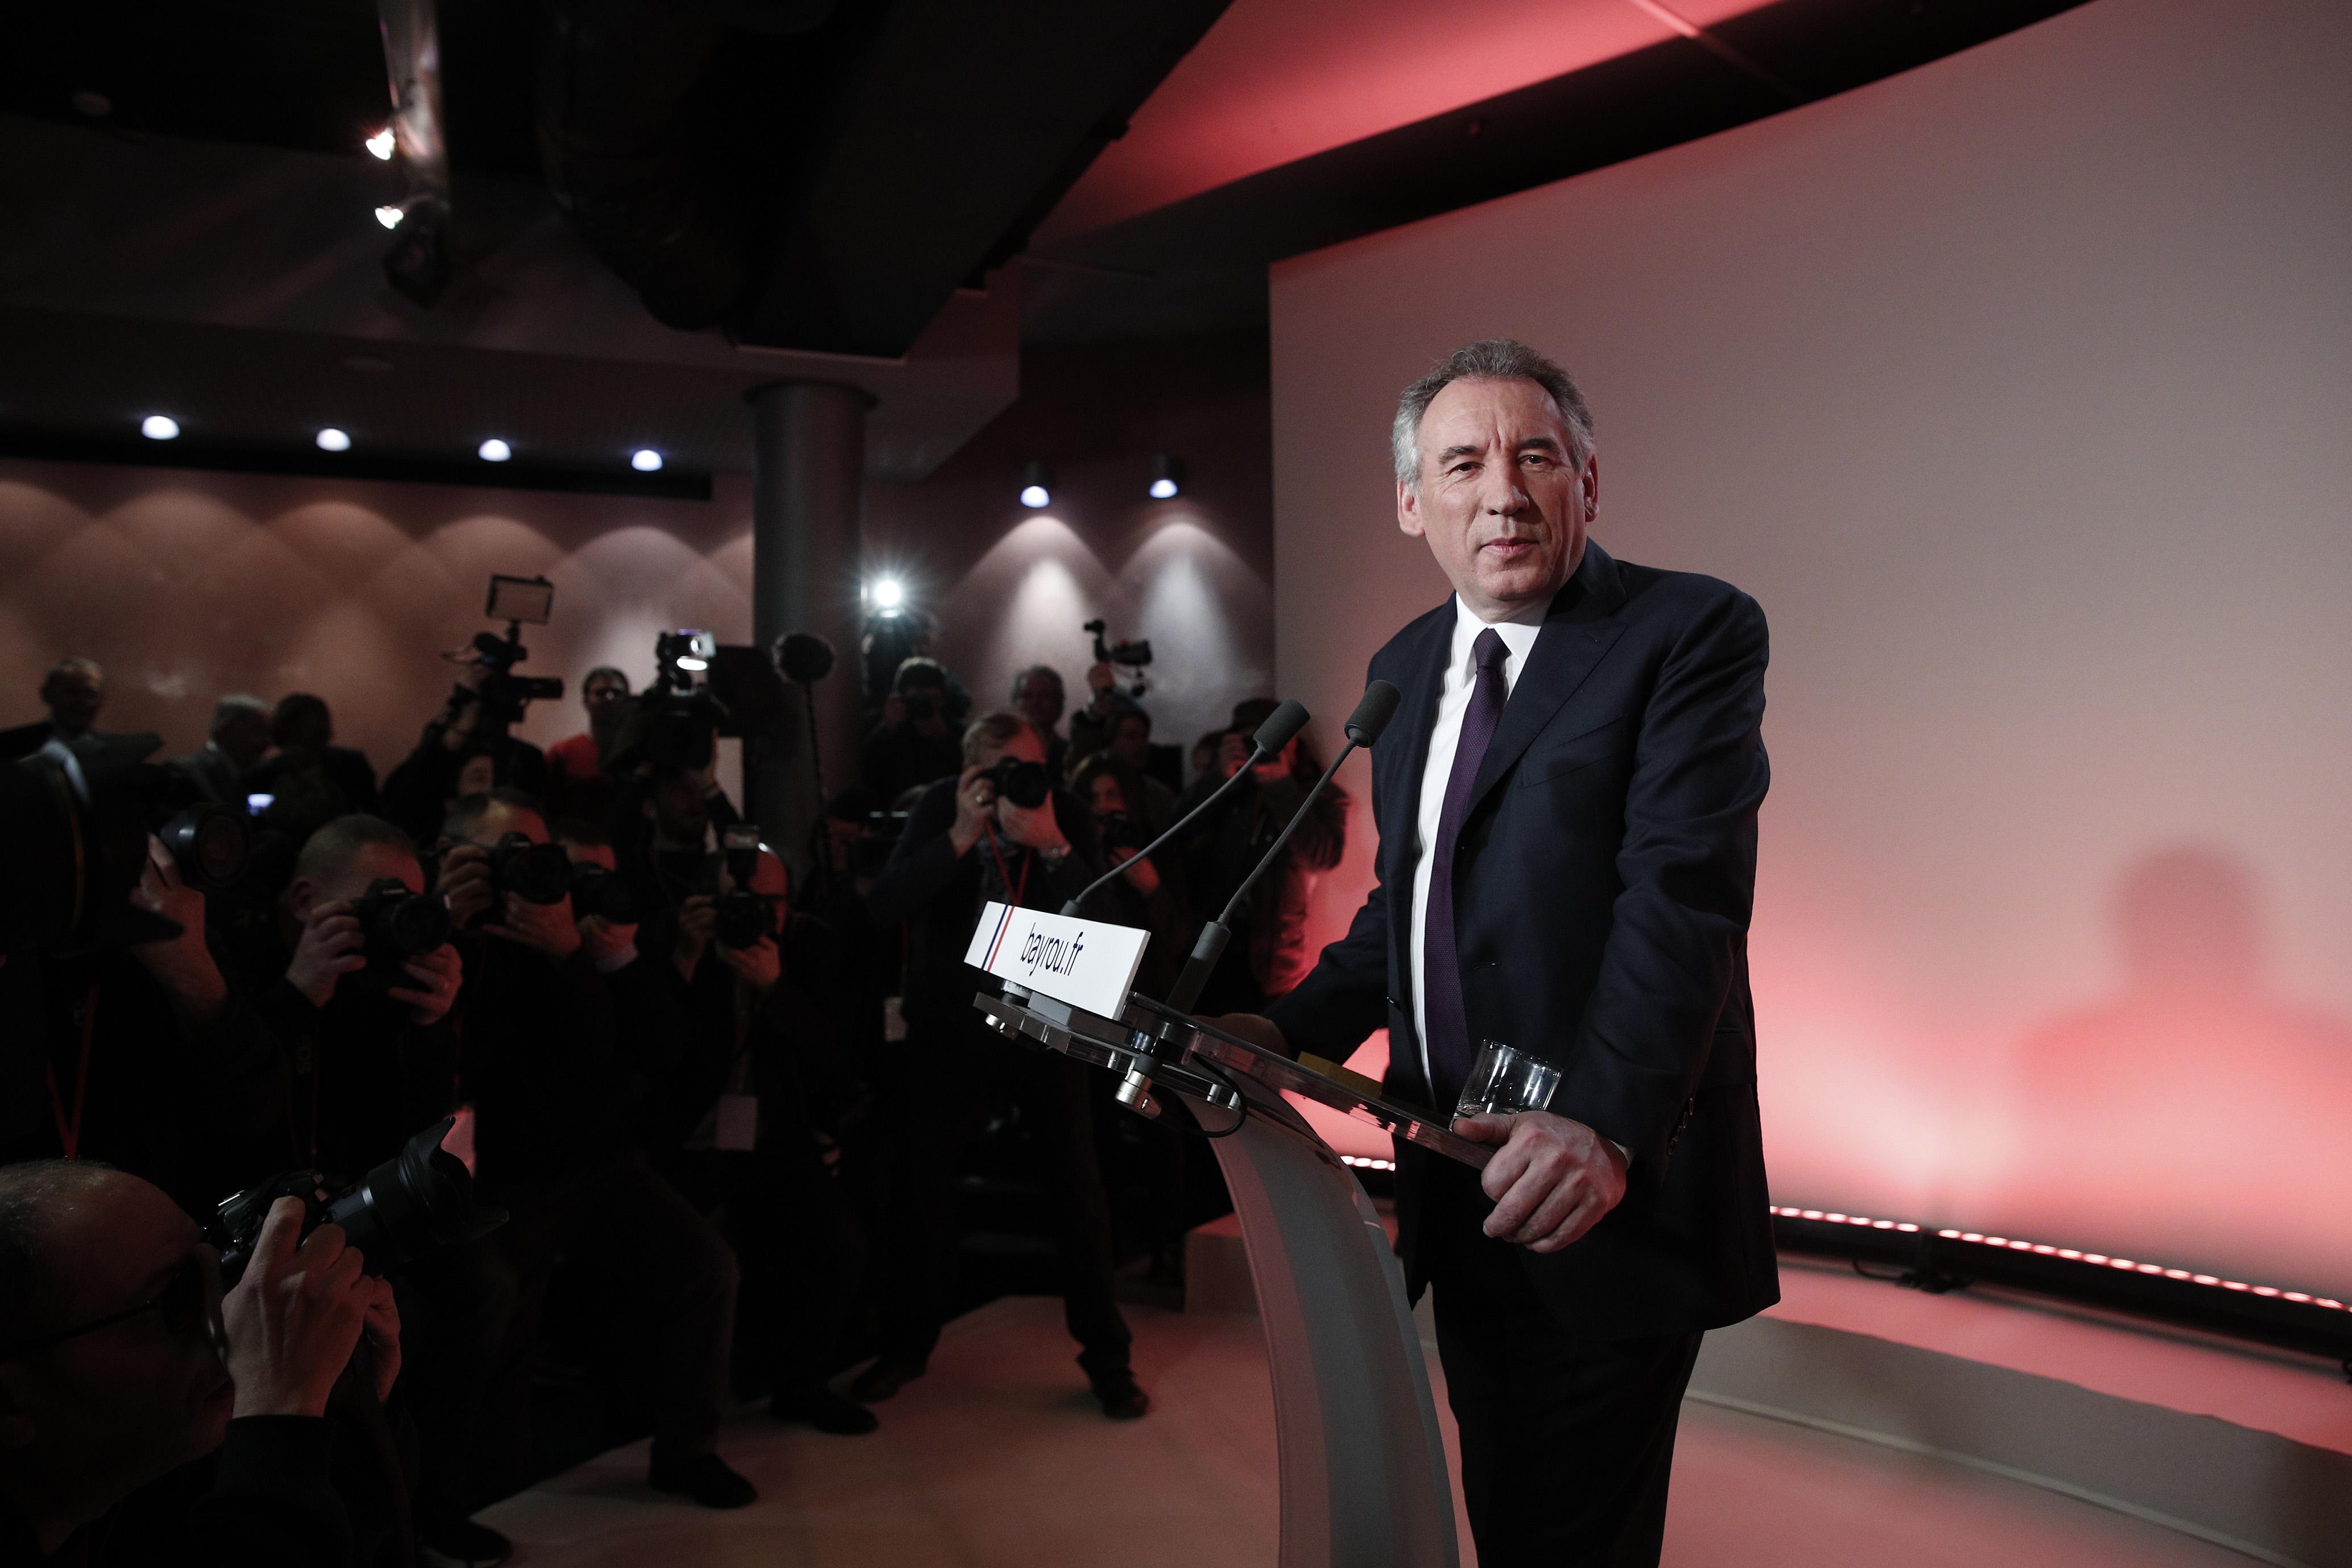 Шансы Макрона одолеть ЛеПен навыборах воФранции возросли